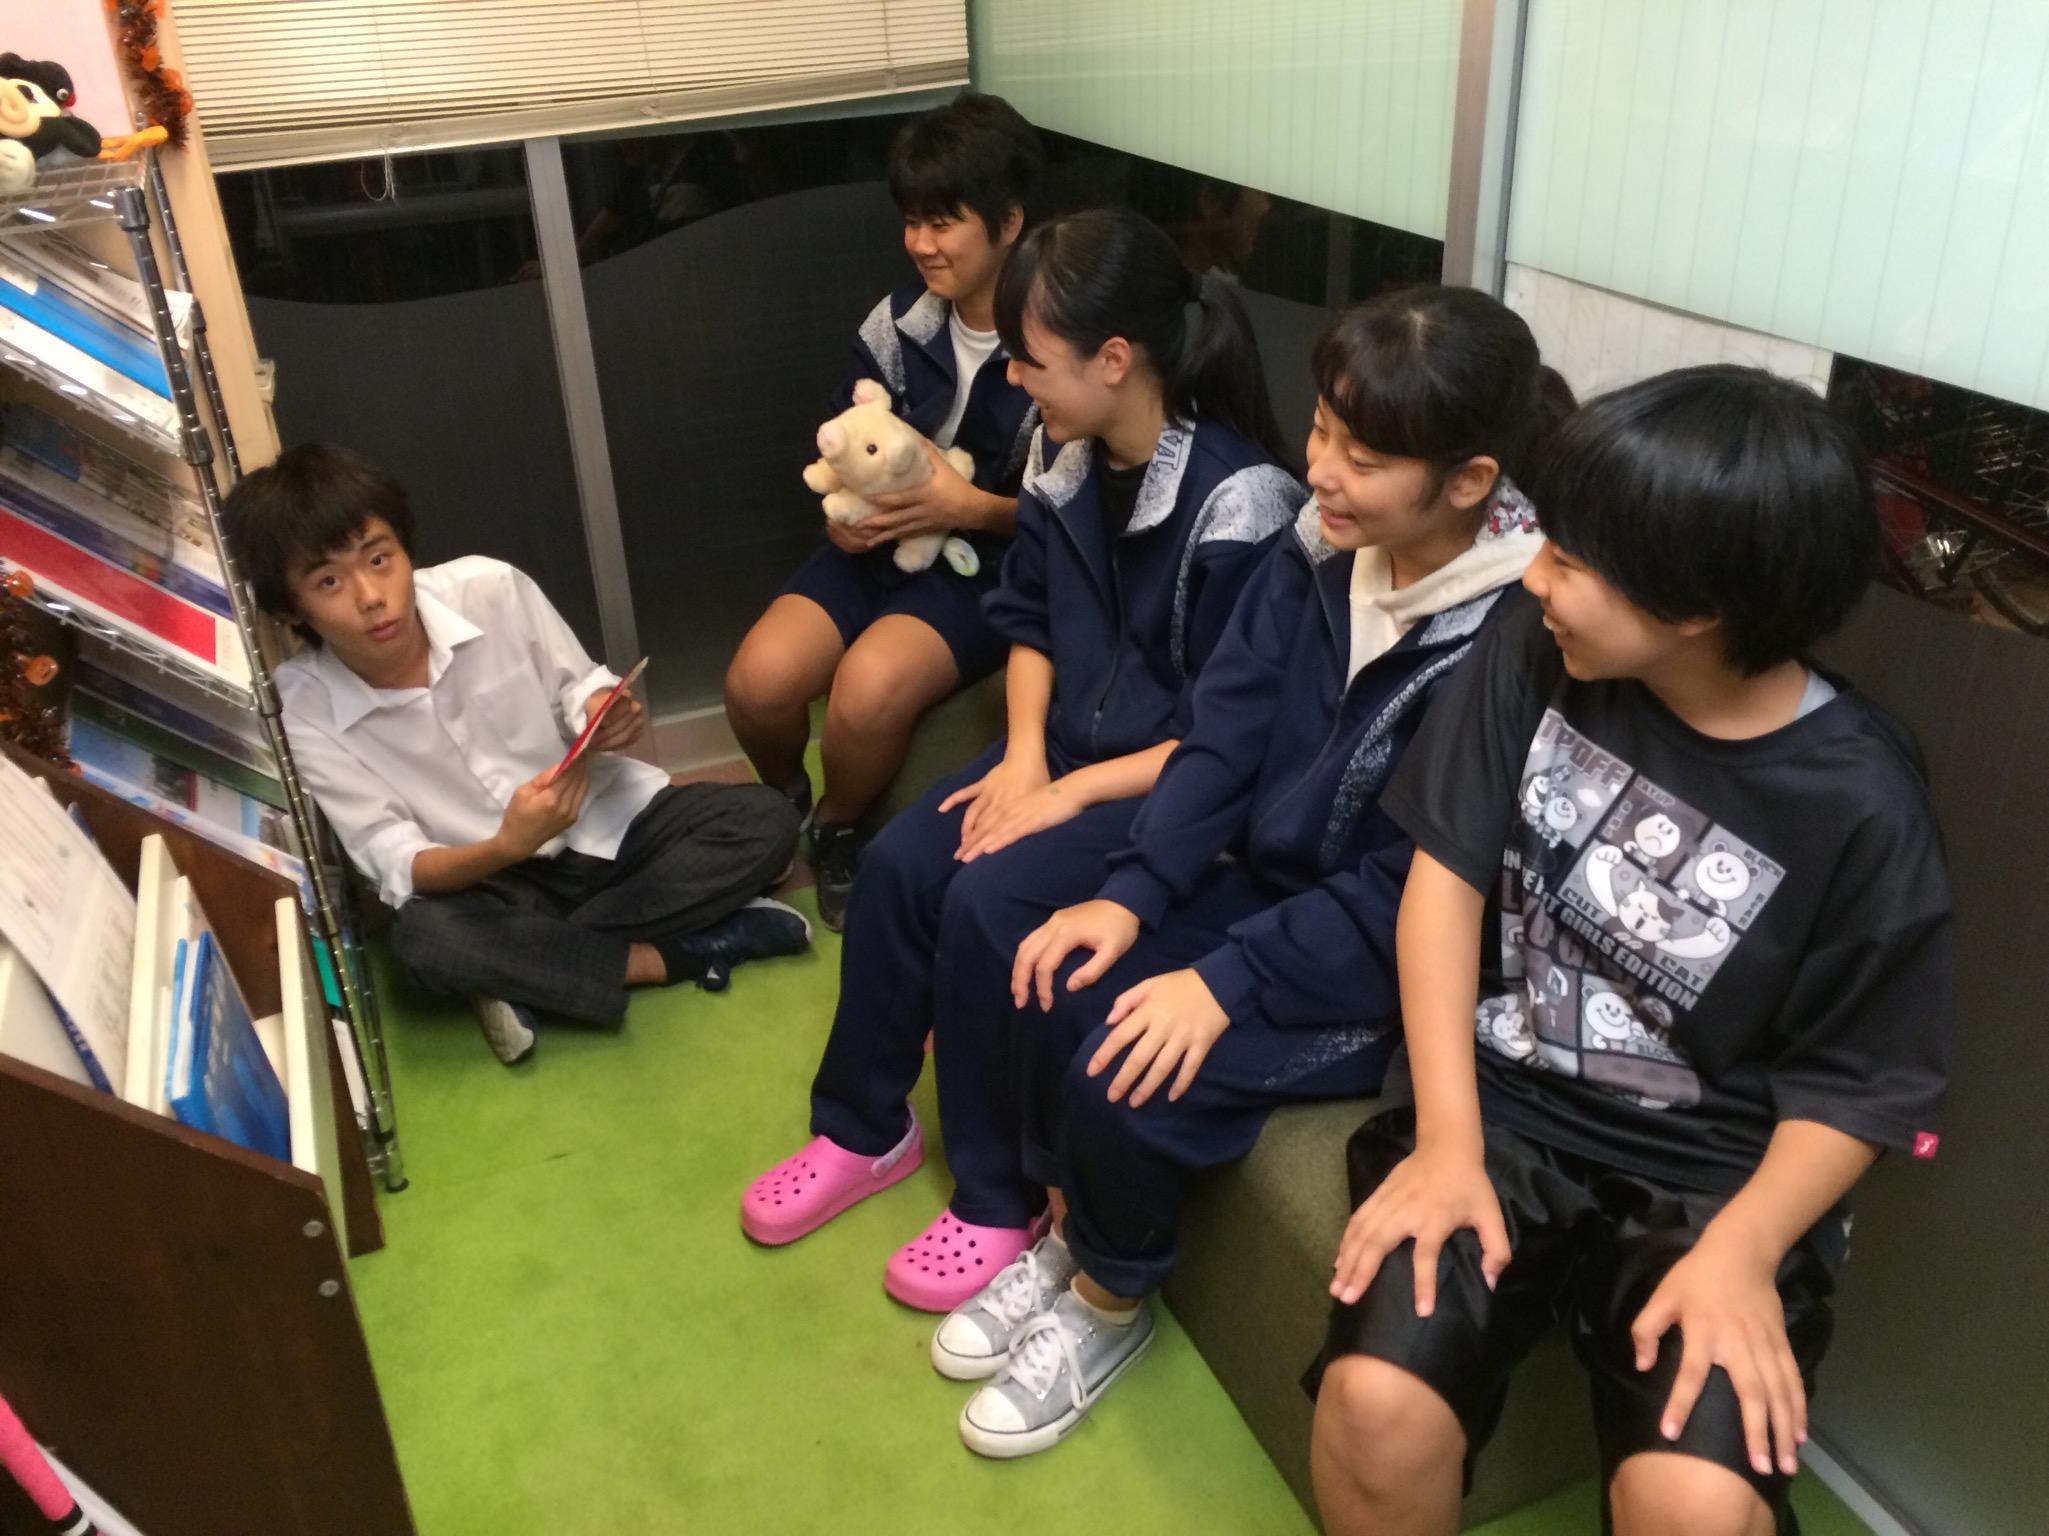 小平教室の画像4